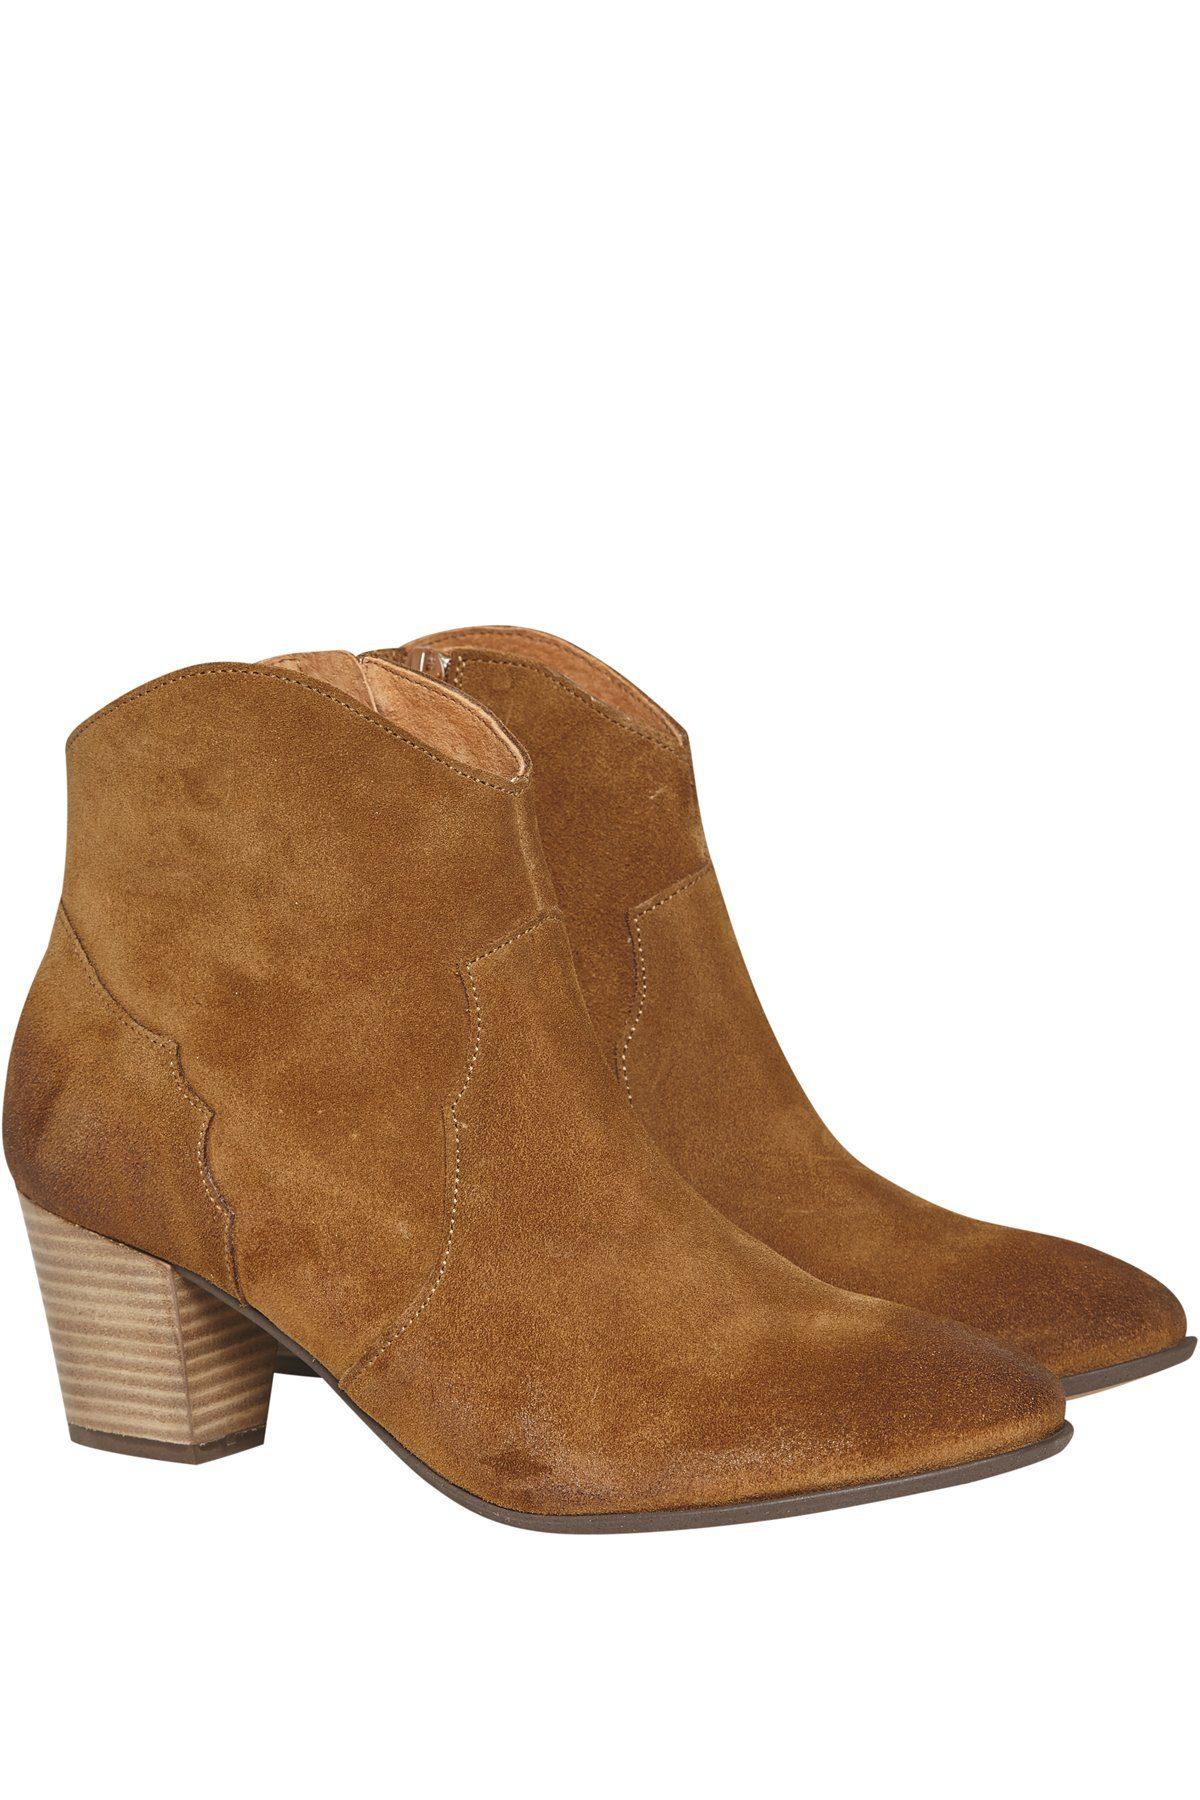 Cream Accessories Masha Ankleboots online kaufen  camelfarben